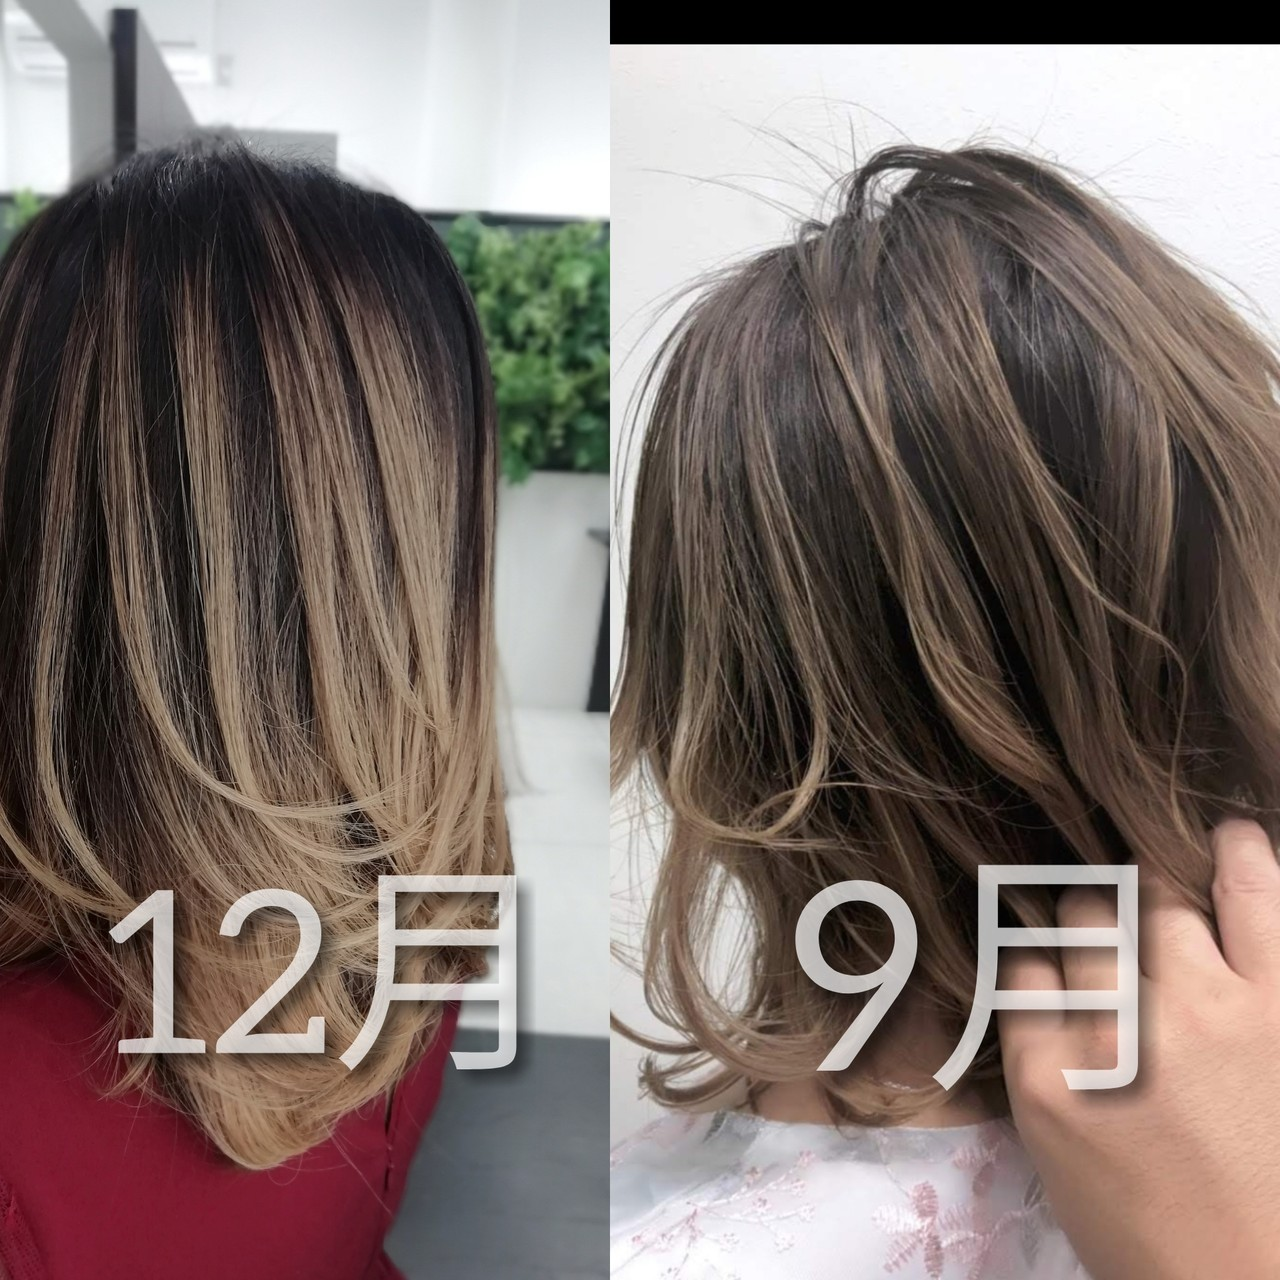 インナーカラー ナチュラル バックコーミング 外国人風カラー ヘアスタイルや髪型の写真・画像